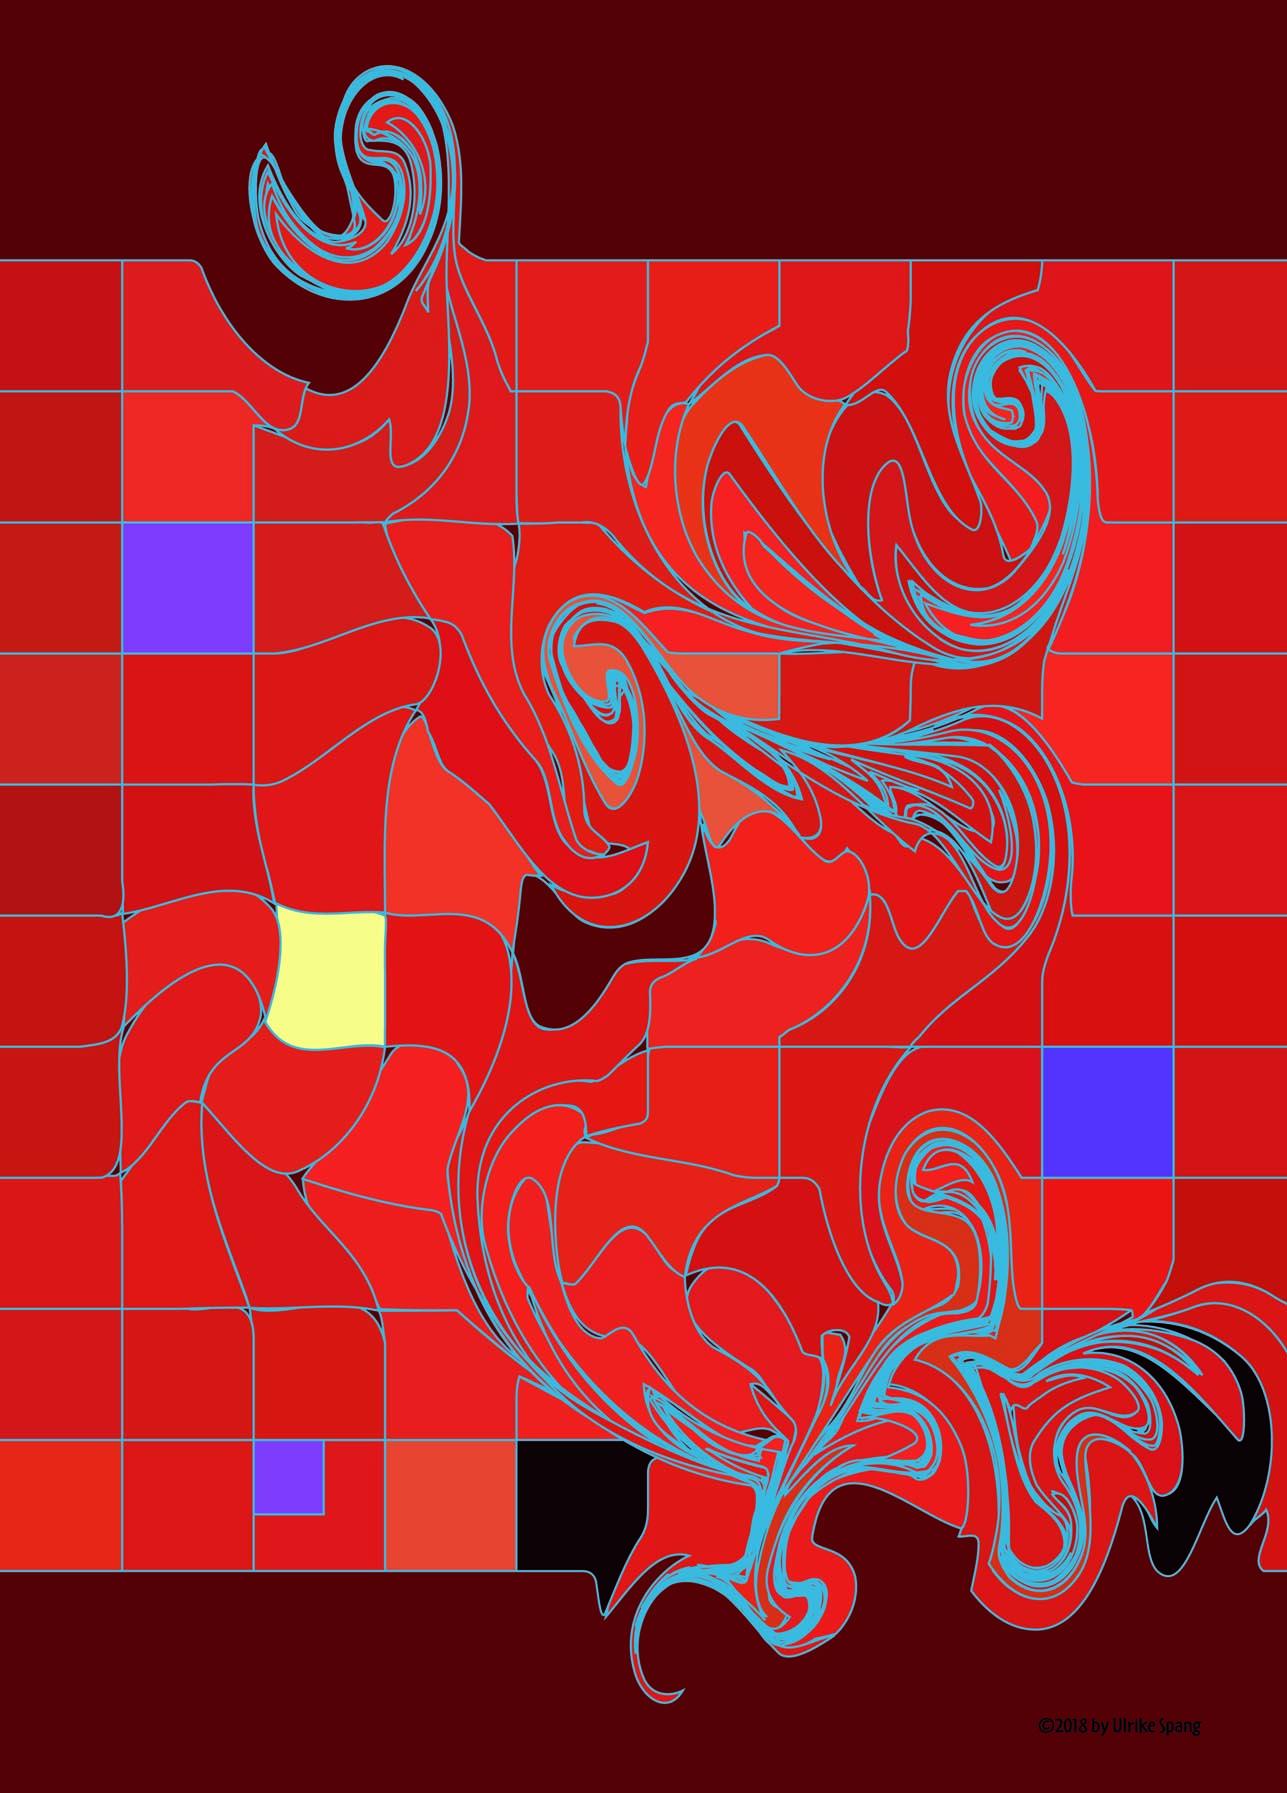 ulrike spang illustration rot